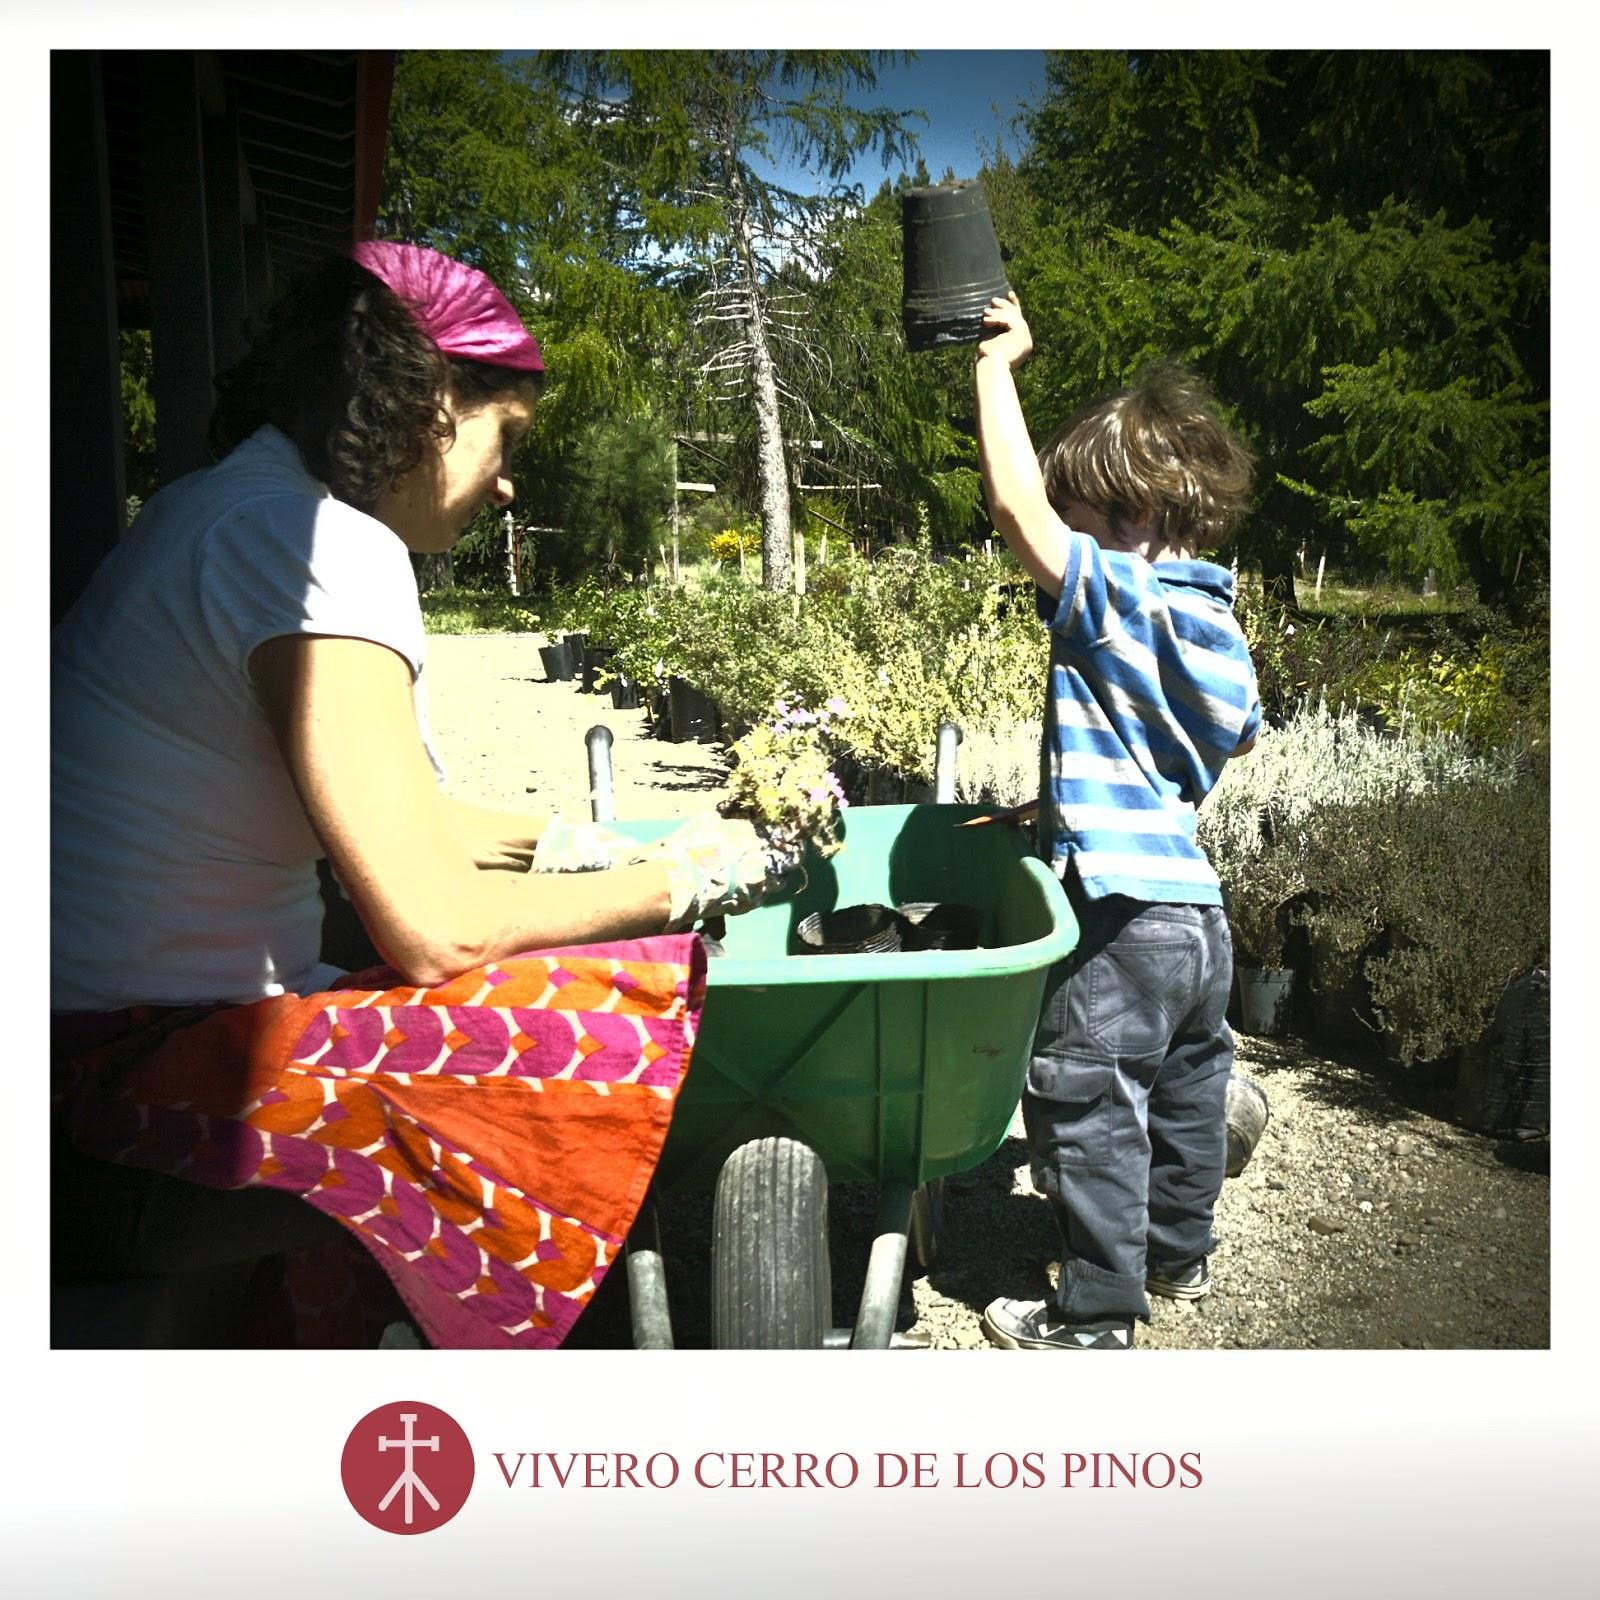 Vivero cerro de los pinos con asistente for Vivero los penotes